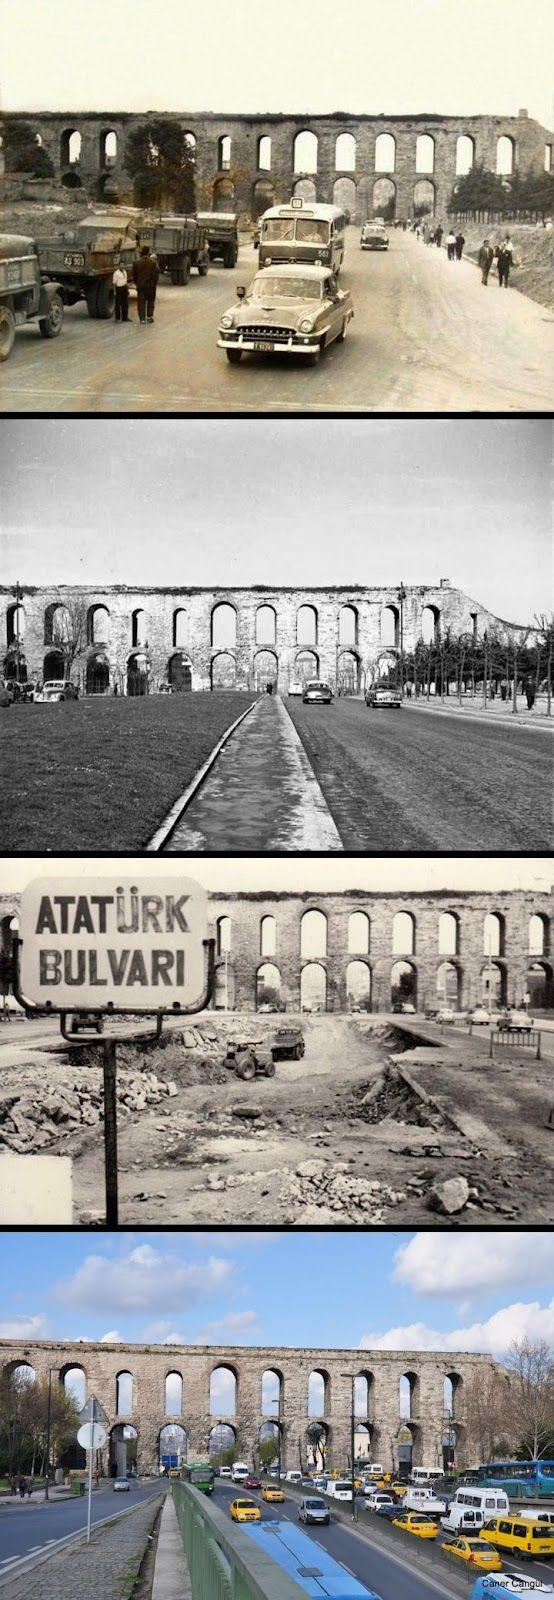 Bozdoğan Kemeri, Saraçhane Eski fotoğraflar: ? 4. fotoğraf: Caner Cangül, Nisan 2010